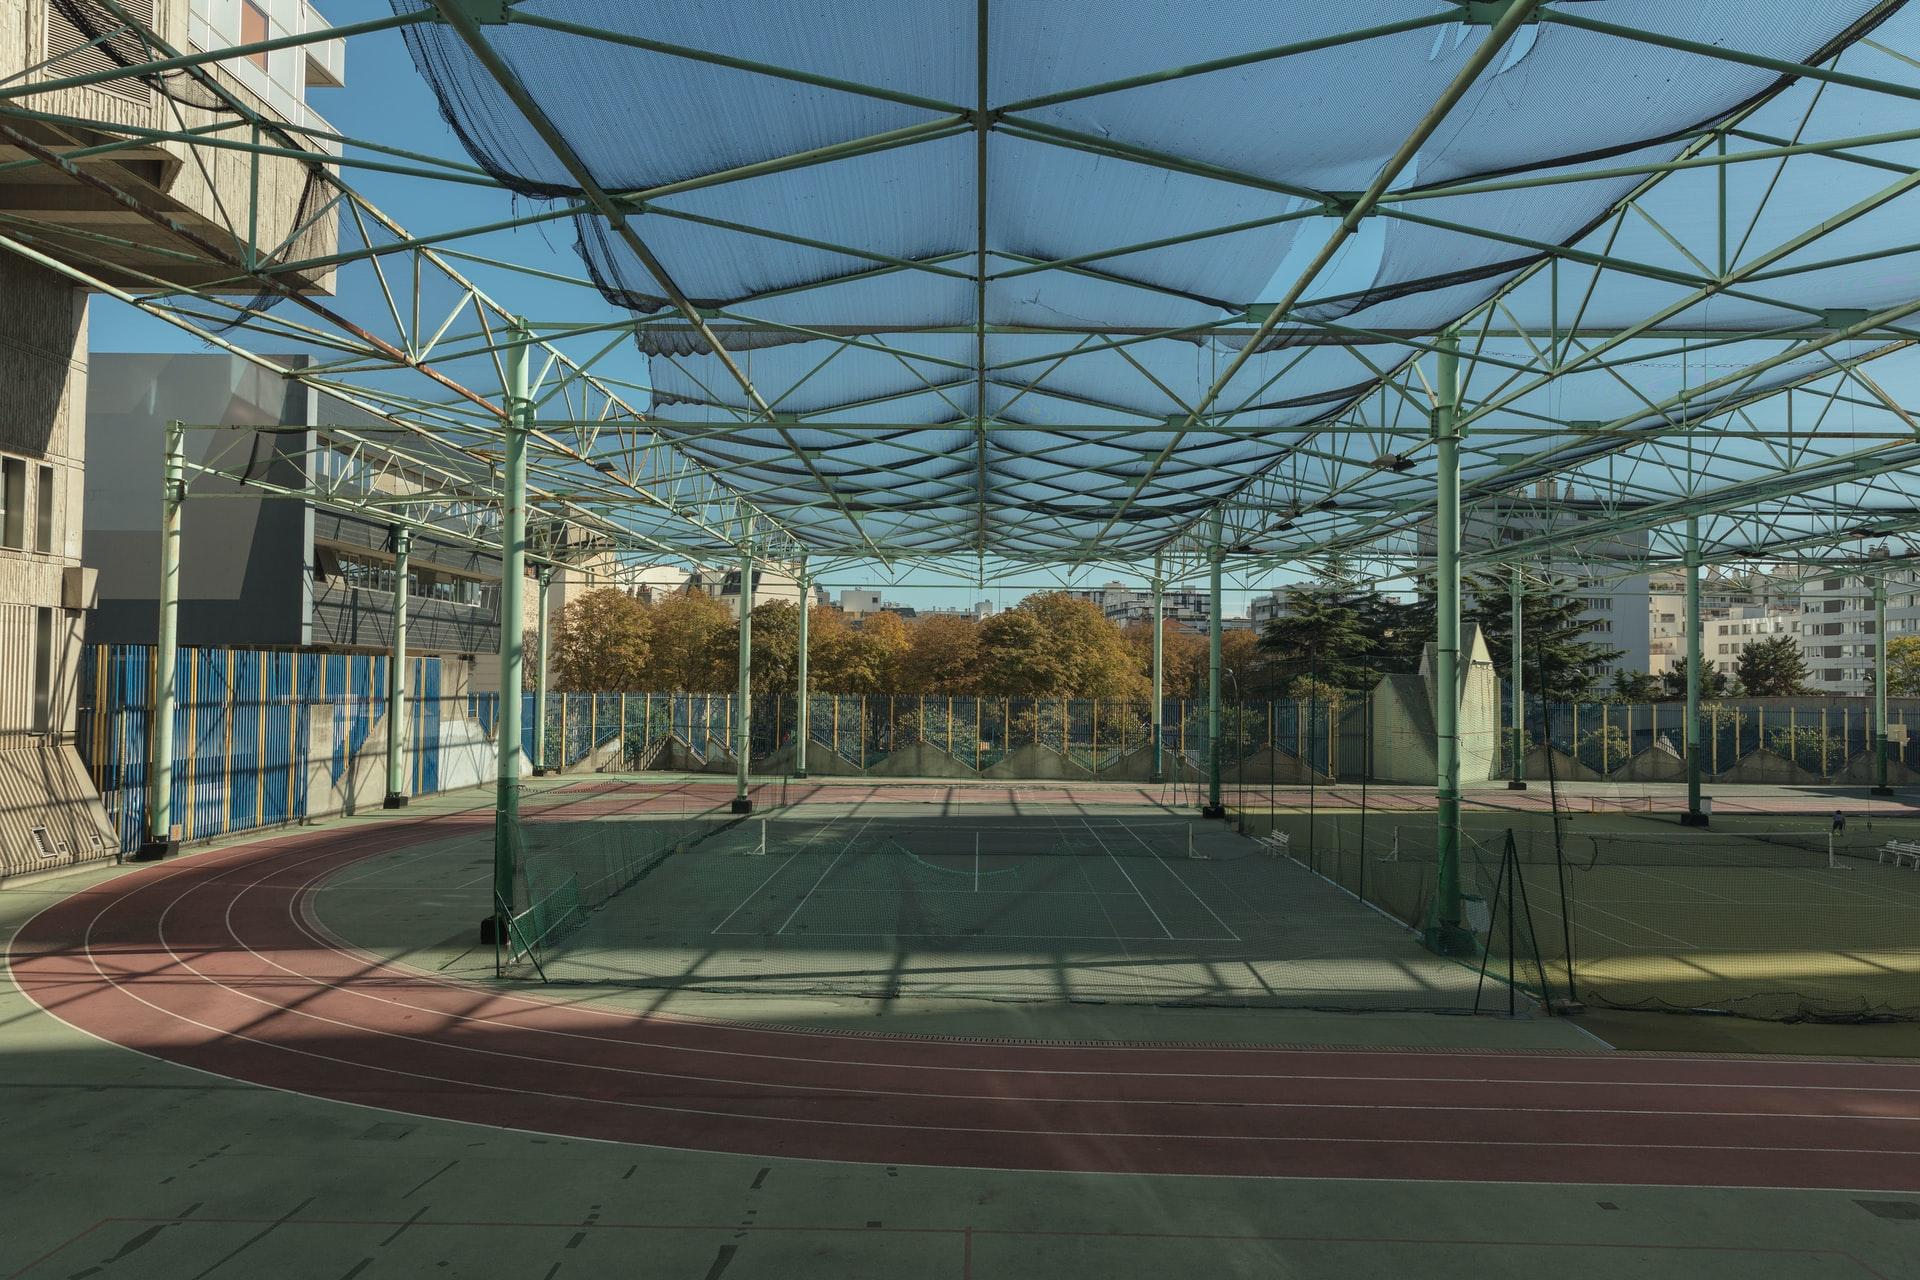 terrains de sport stades en plein air paris extérieur exercice